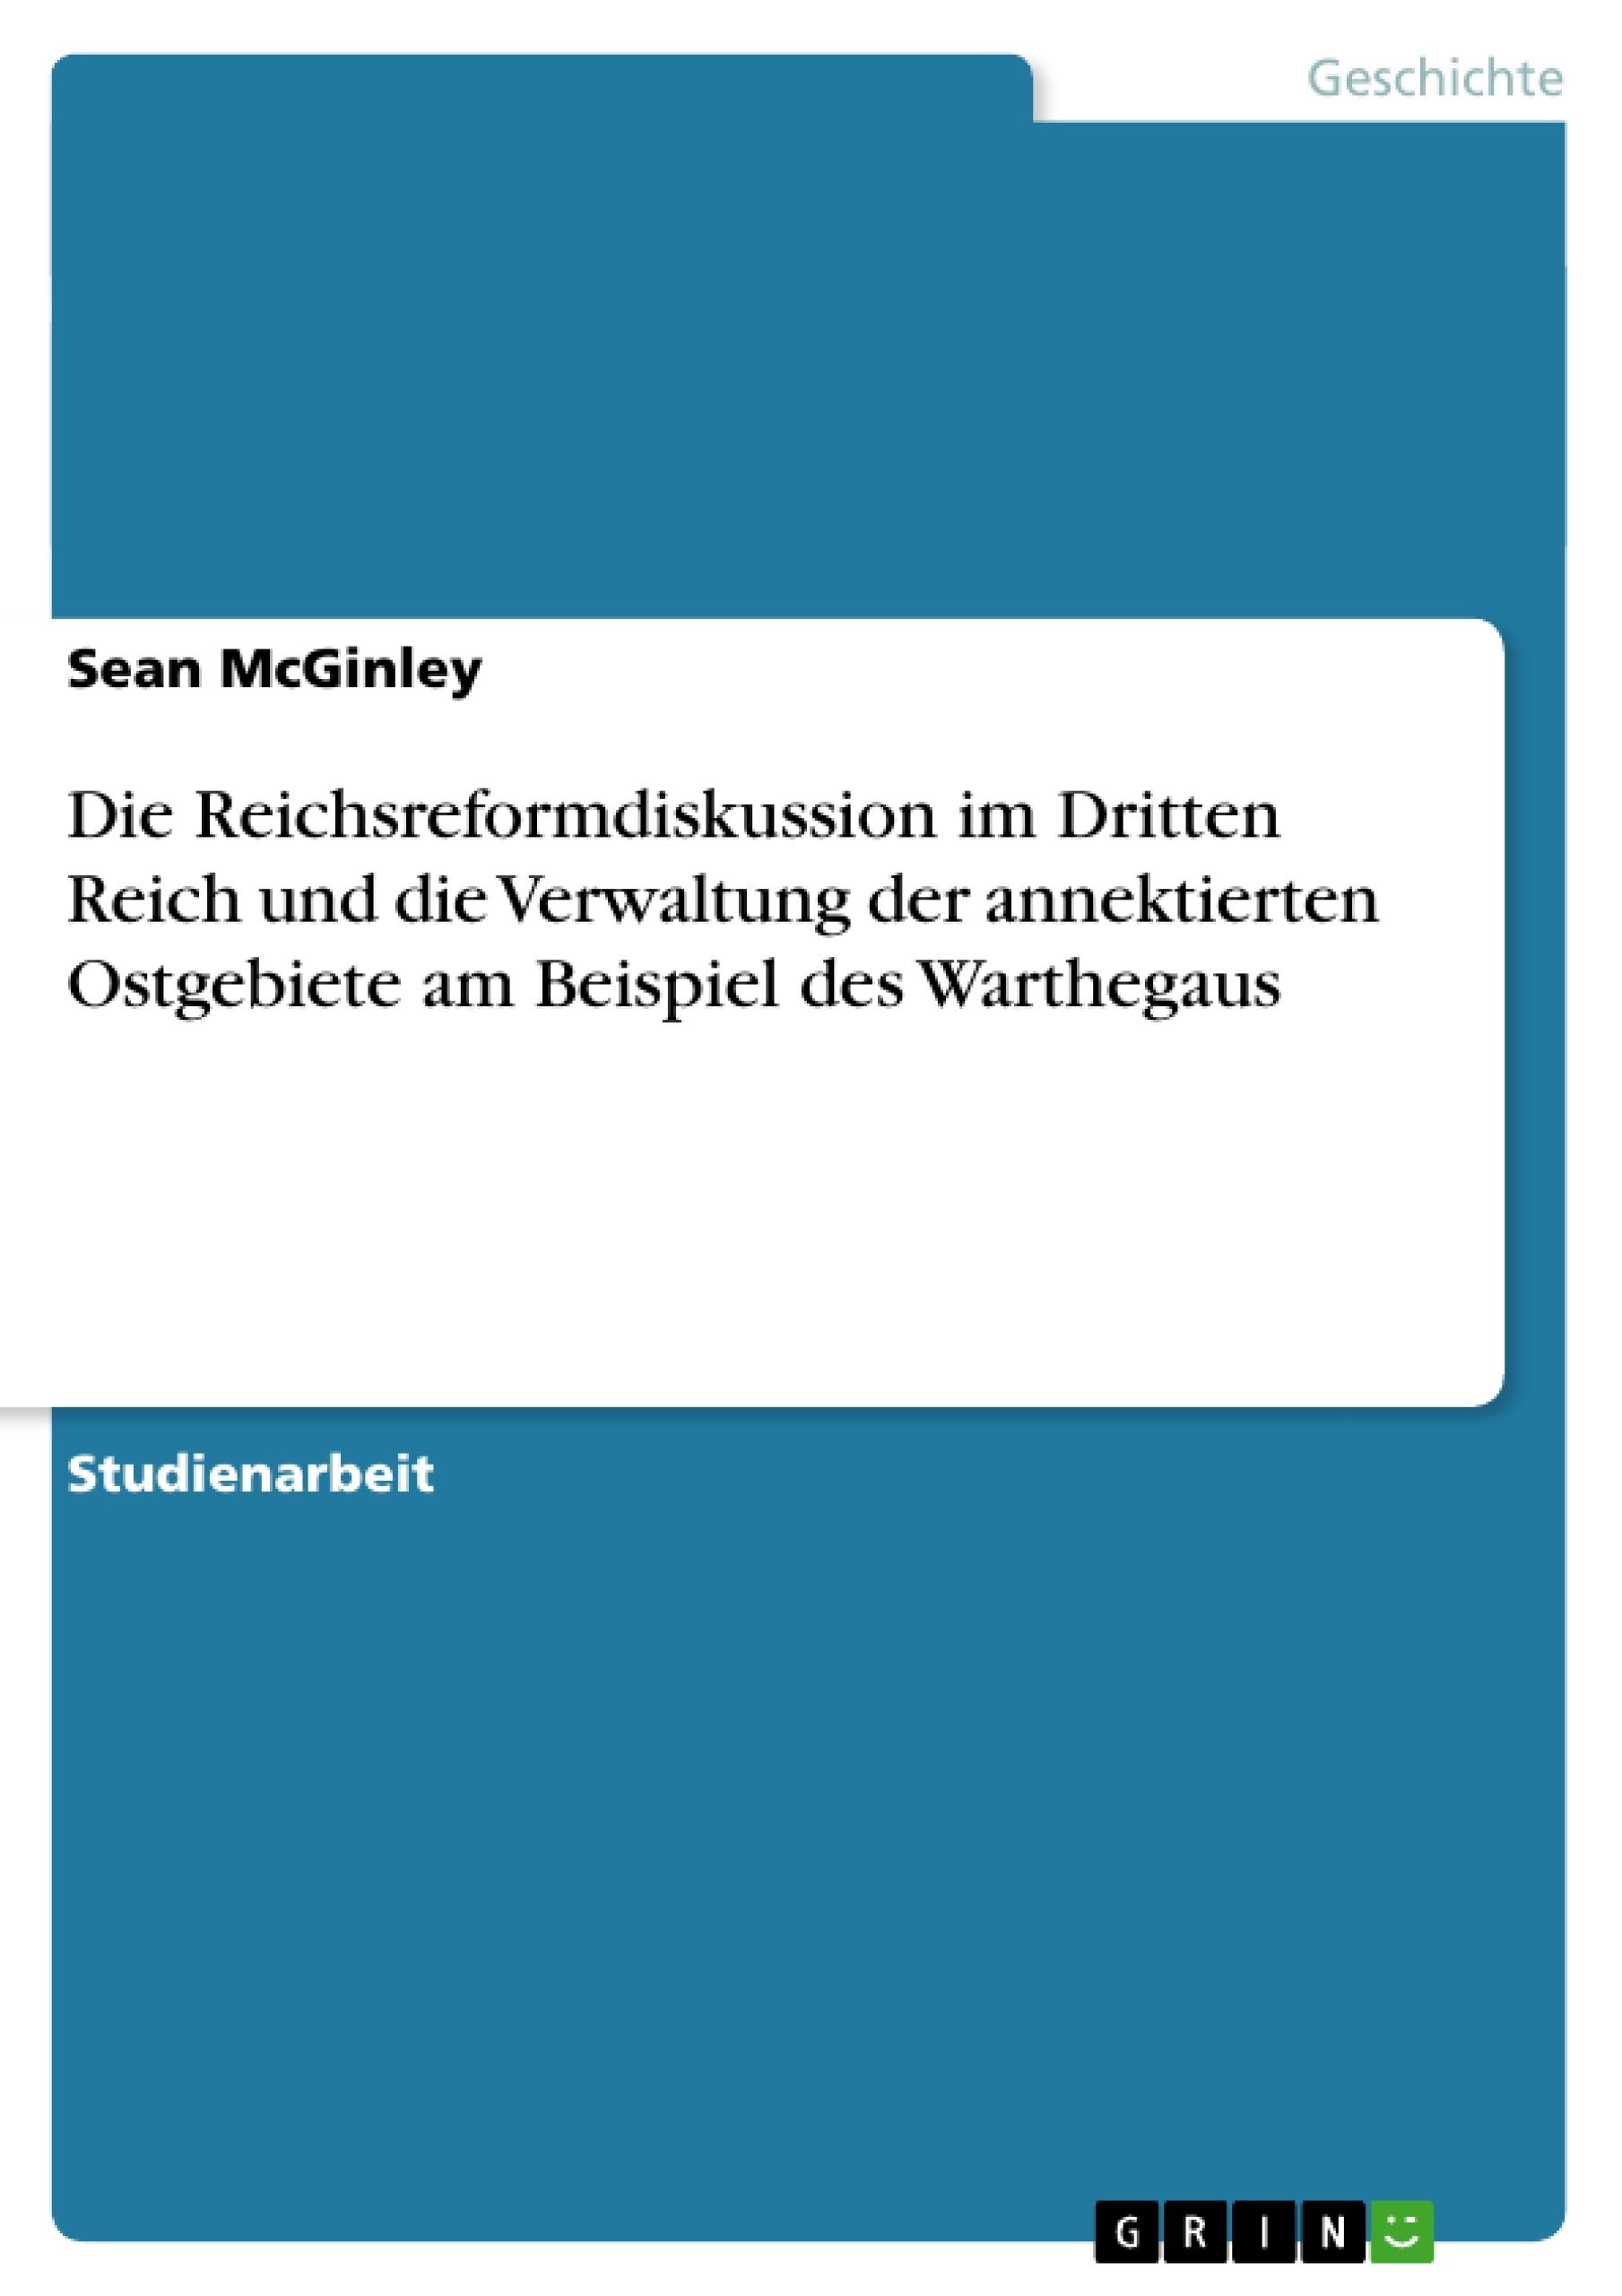 Titel: Die Reichsreformdiskussion im Dritten Reich und die Verwaltung der annektierten Ostgebiete am Beispiel des Warthegaus